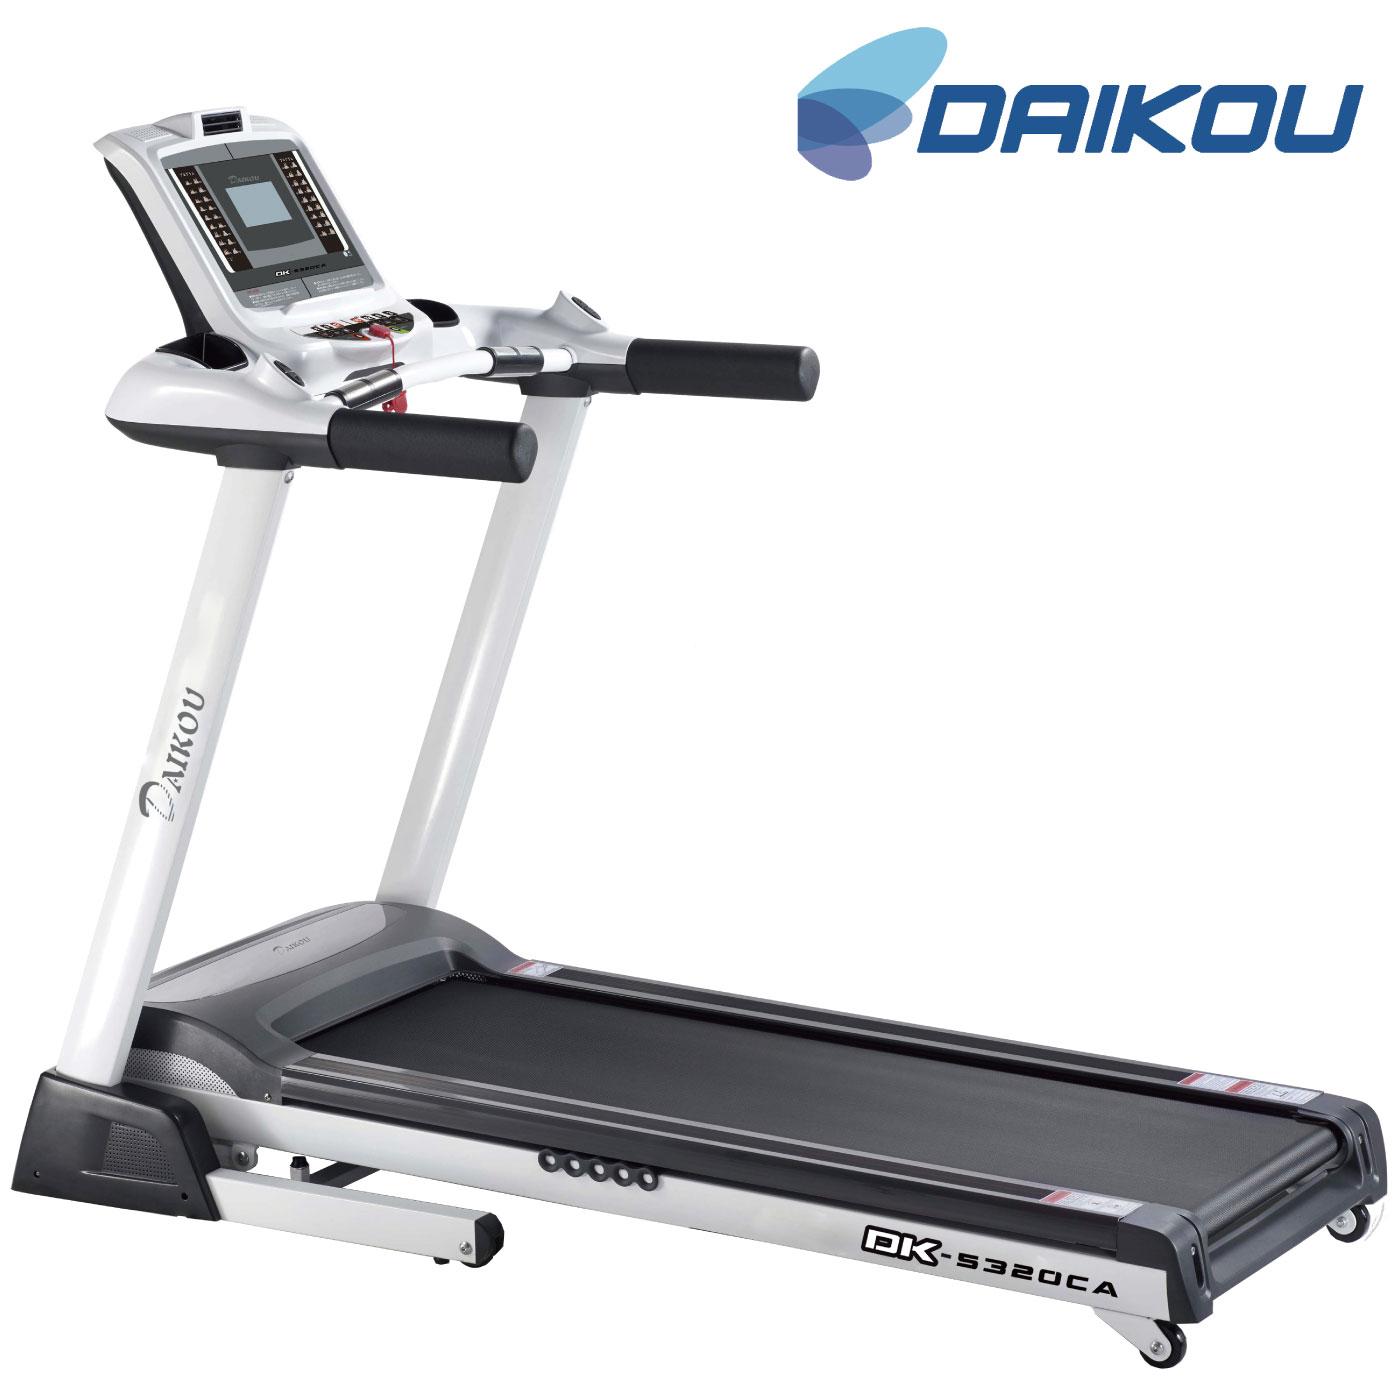 DK-5320CA/家庭用ルームランナー《DAIKOU(ダイコー)》